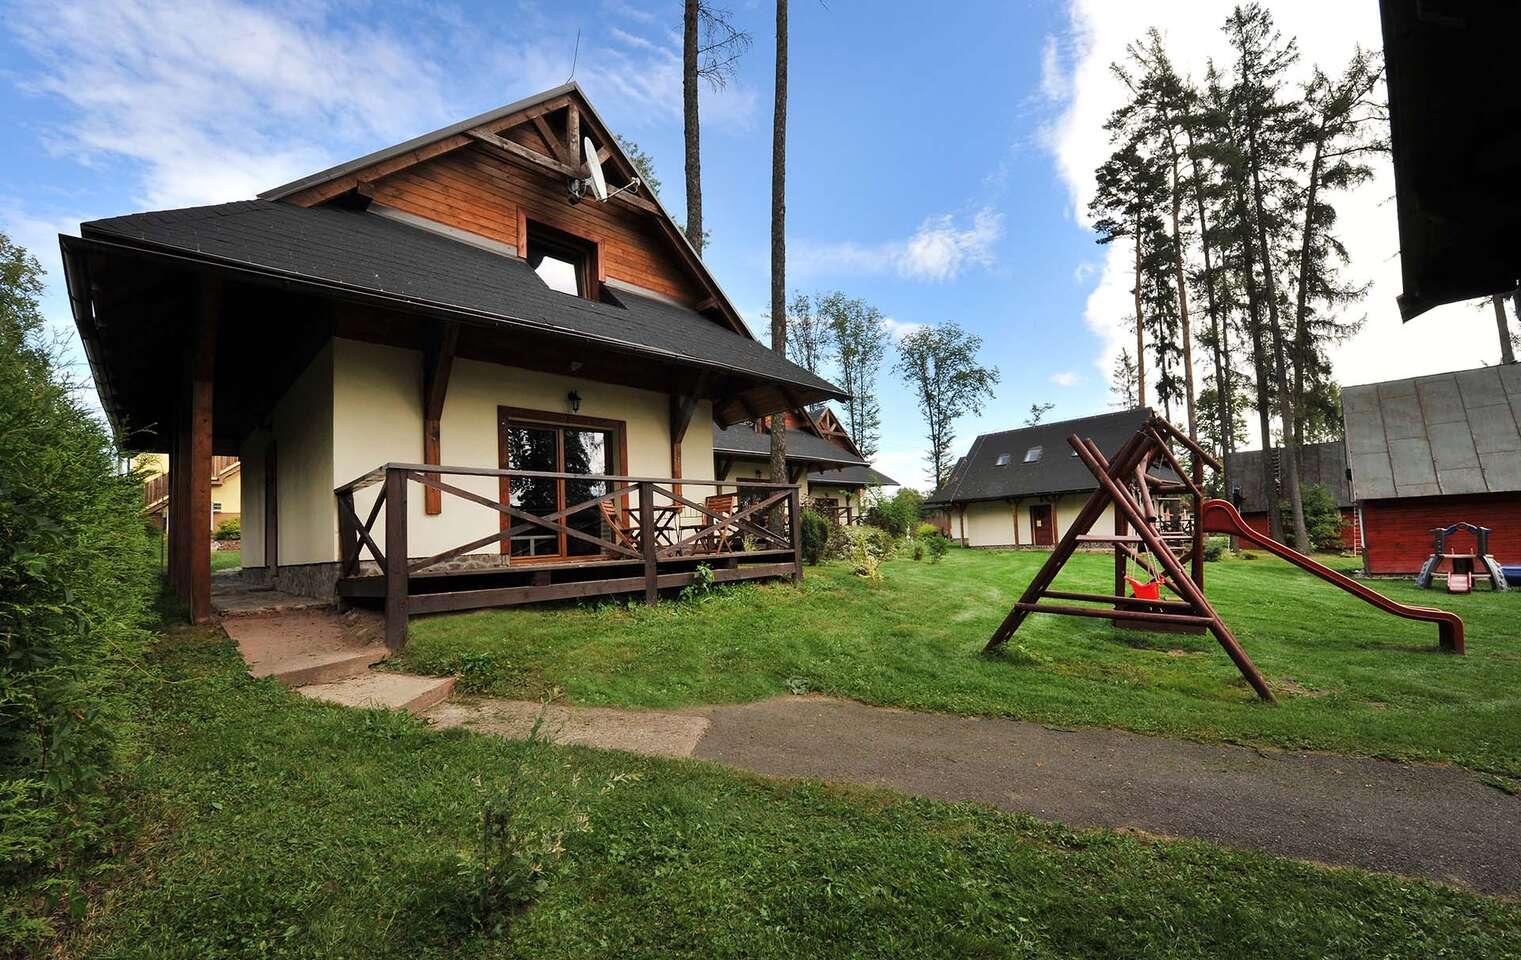 Chaty a domčeky Aplend pre 4 osoby priamo vo Vysokých Tatrách so saunou a množstvom zliav